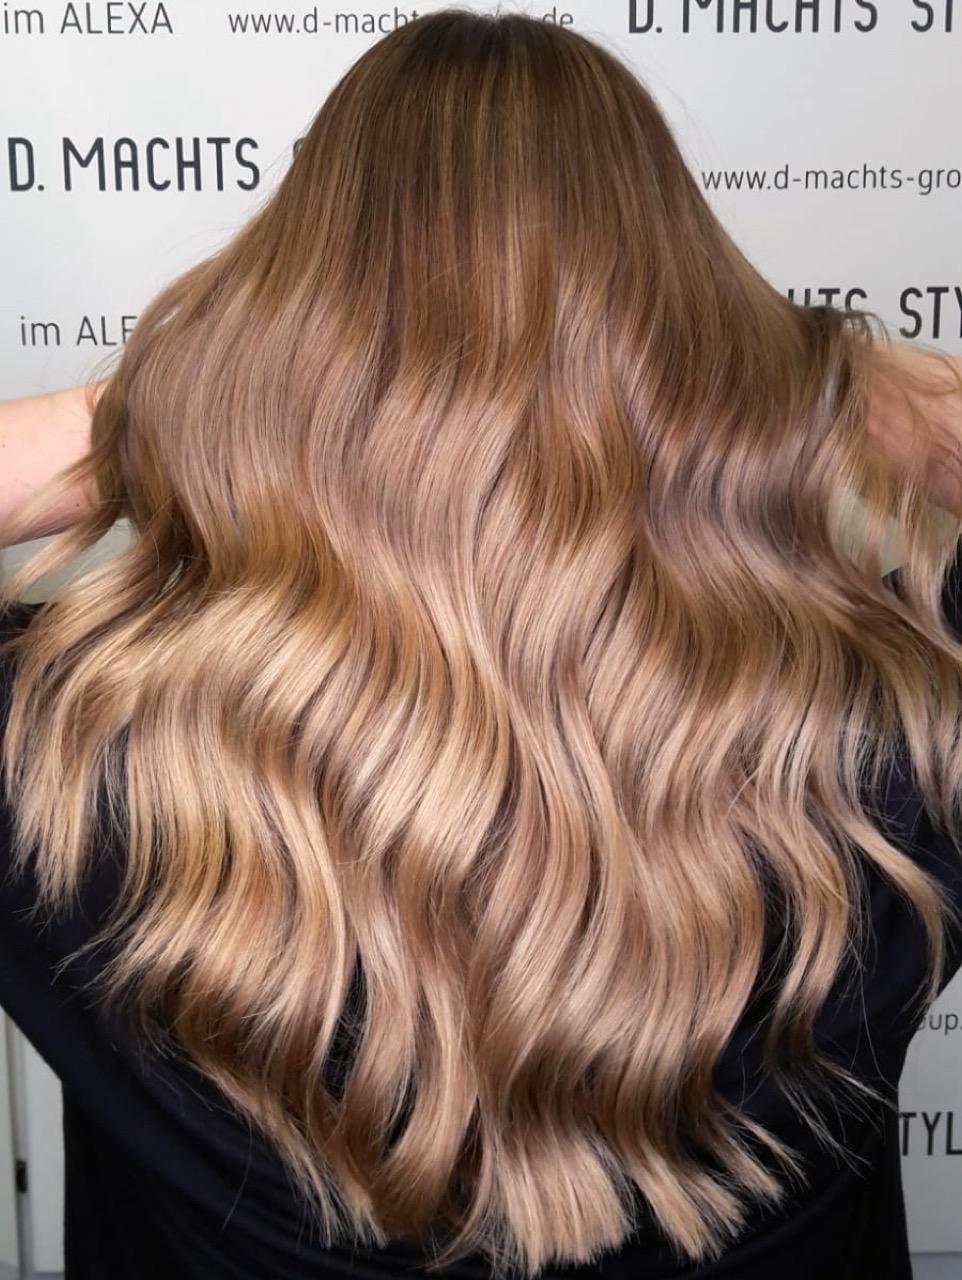 Lange von kurze haare auf Frisuren von